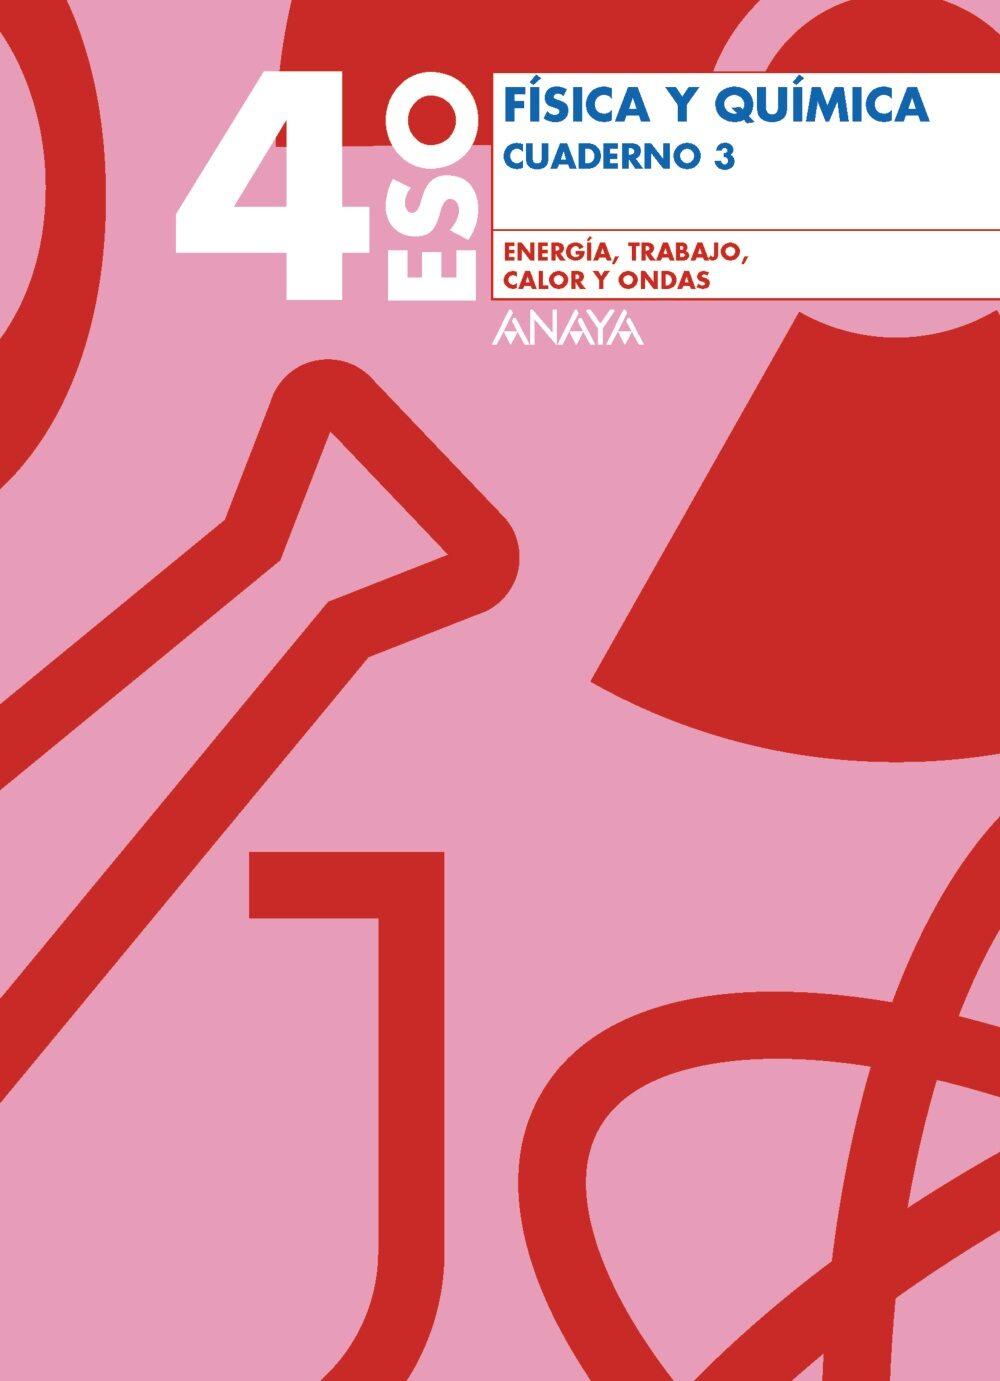 Fisica Y Quimica 4º Eso . Cuaderno 3 Energia, Trabajo, Calor Y O Ndas por Vv.aa. epub